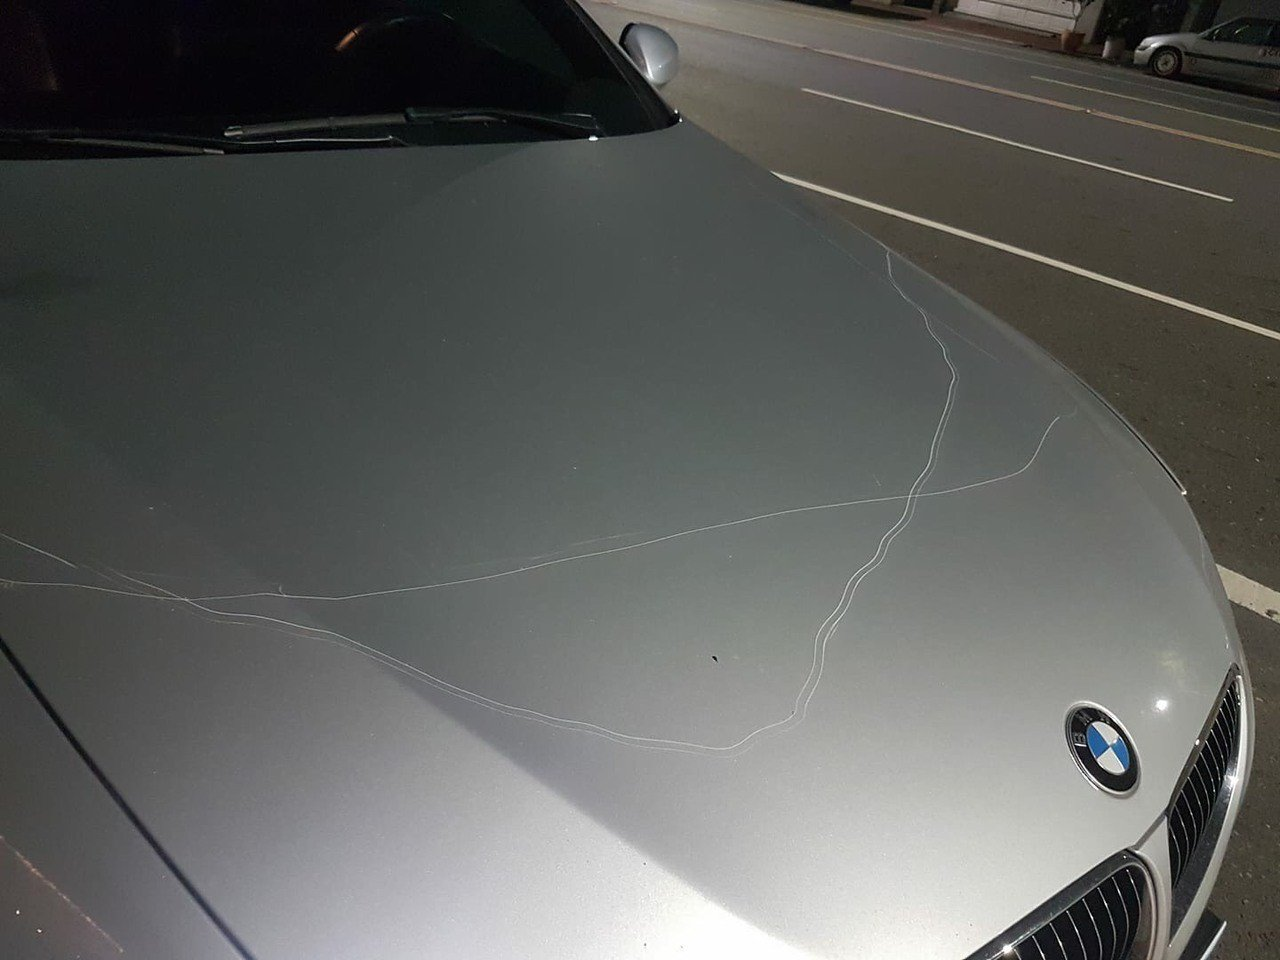 嘉義市警友會理事長黃朝雲的愛車今晚被刮了一圈,他在臉書po文感嘆,懷疑是有人刻意...